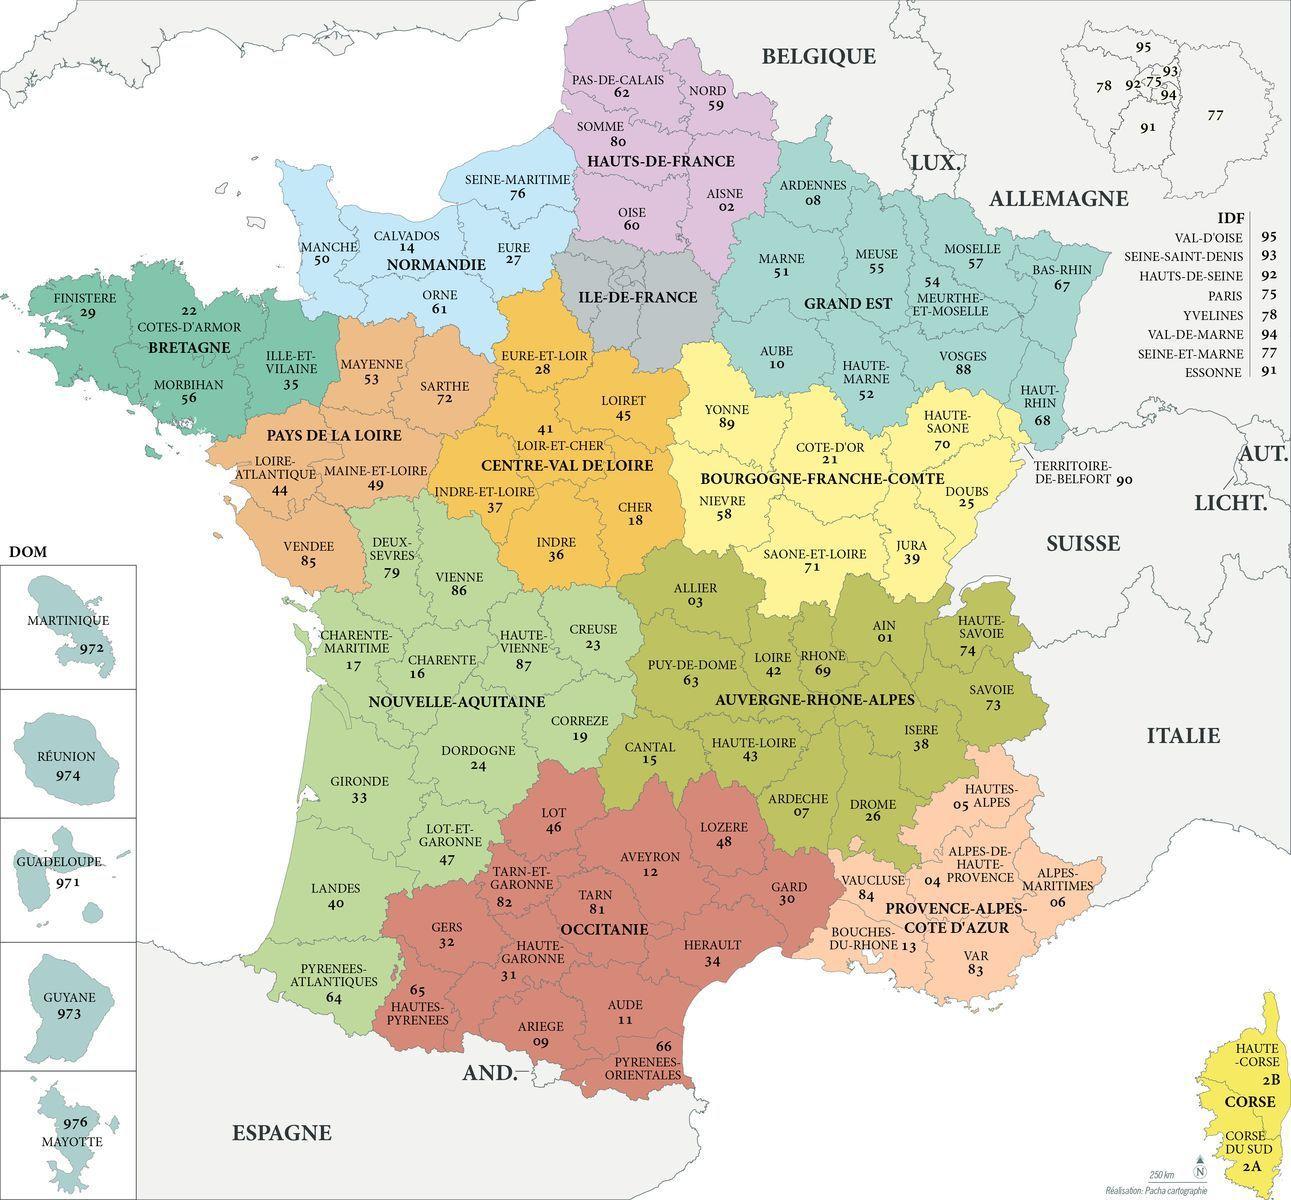 Fond De Carte France - Régions Et Départements Avec Noms dedans Carte De France Avec Les Départements